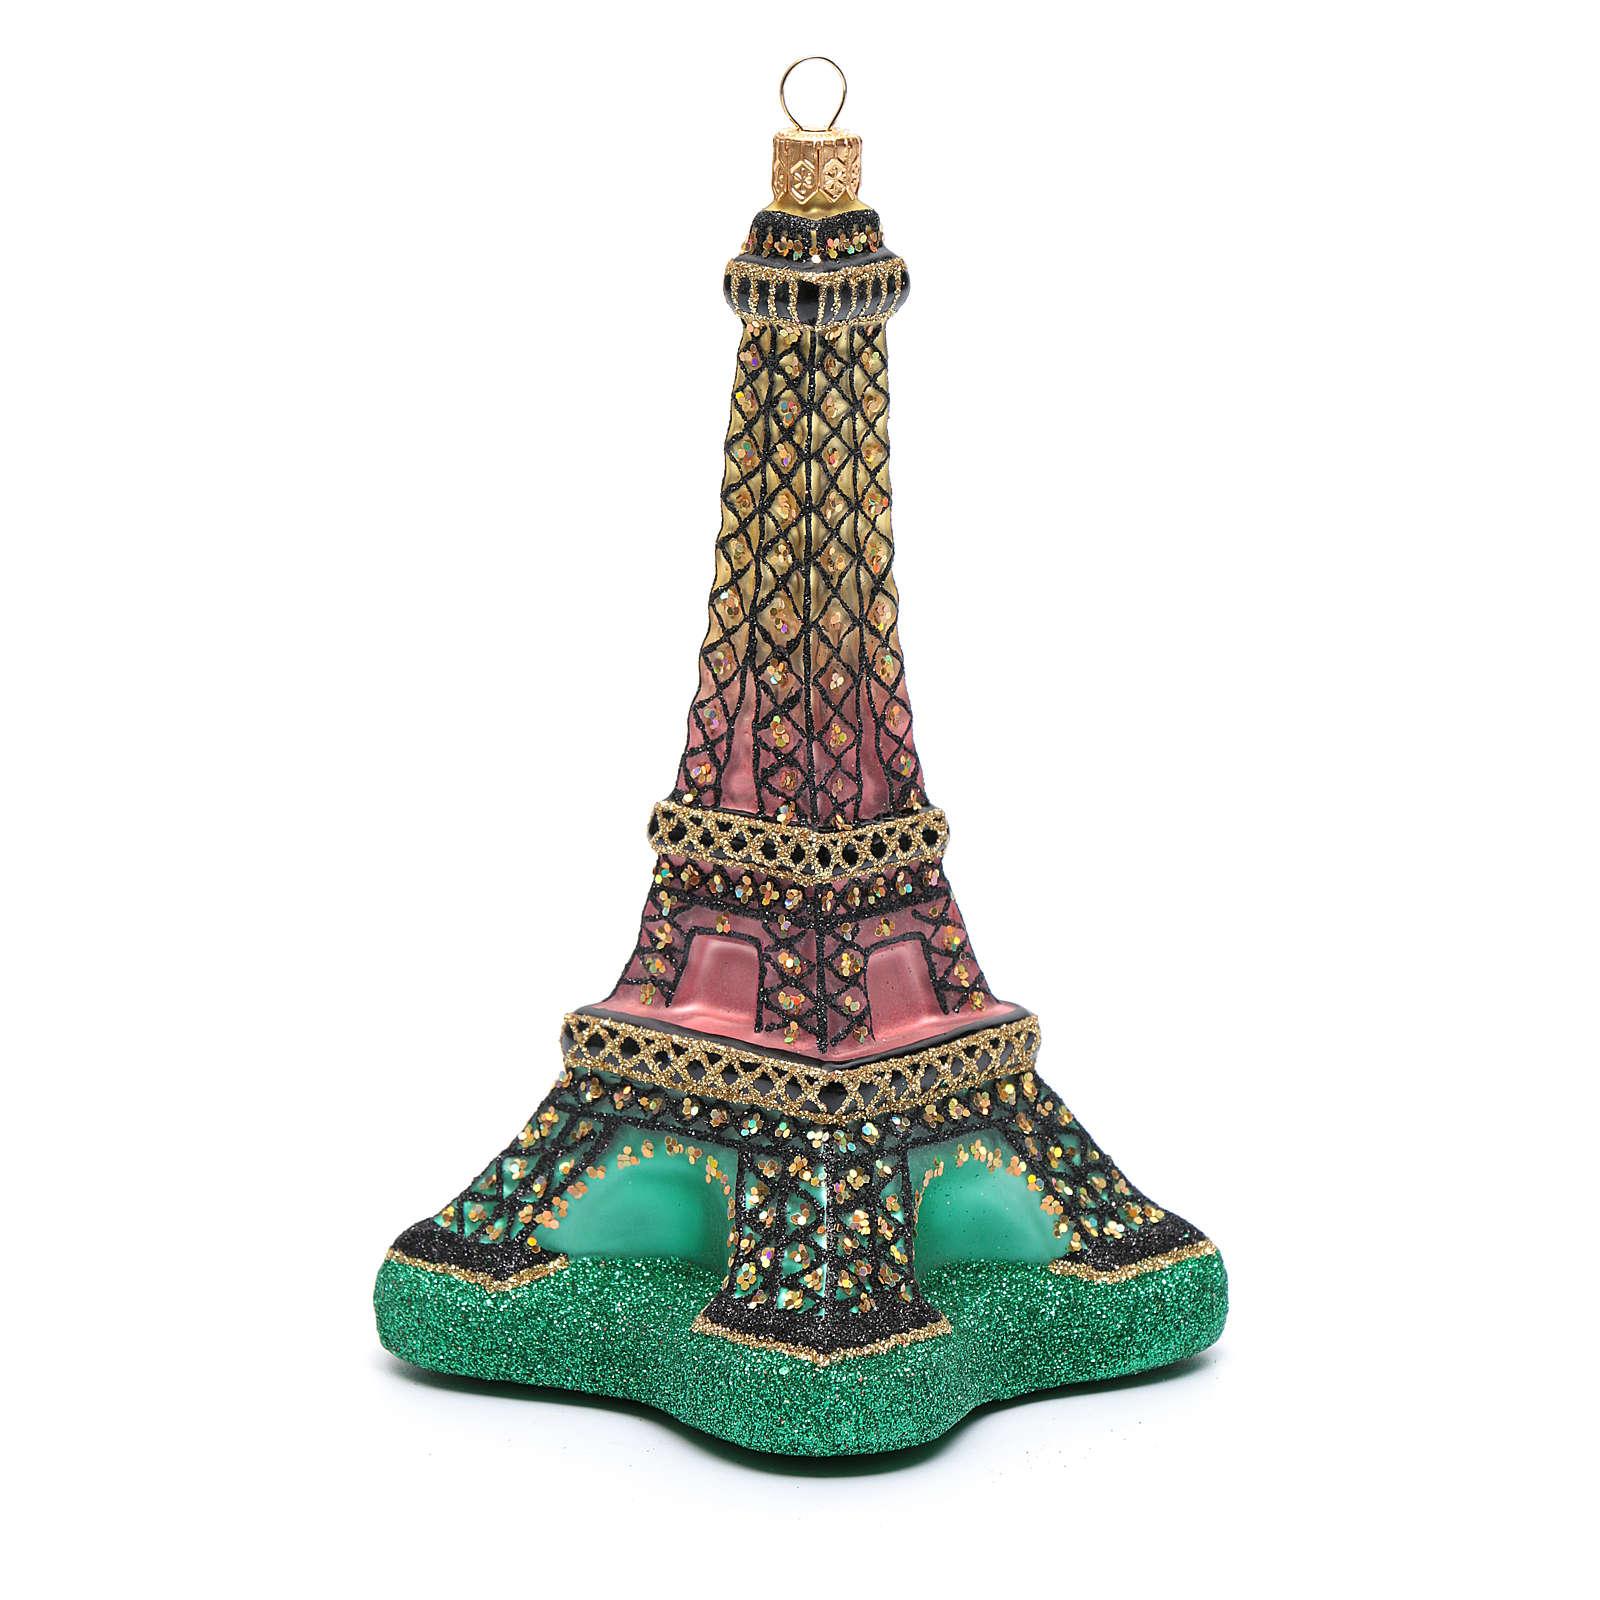 Décoration verre soufflé sapin Noël Tour Eiffel 4